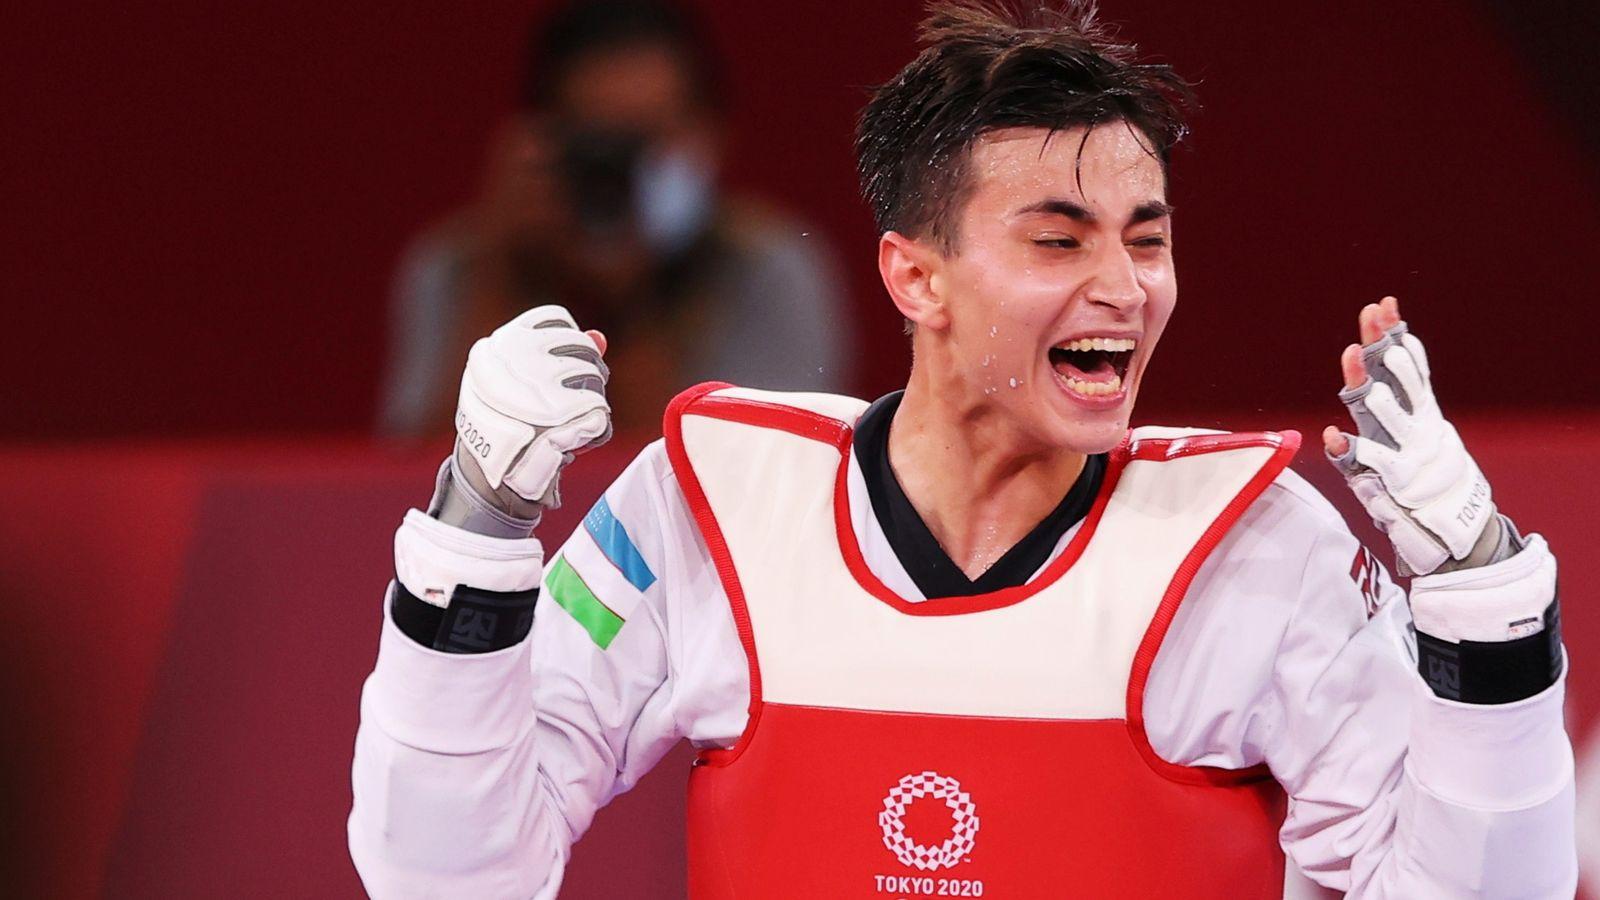 Taekwondo - Taekwondo - Men's Featherweight 58-68kg - Semifinal